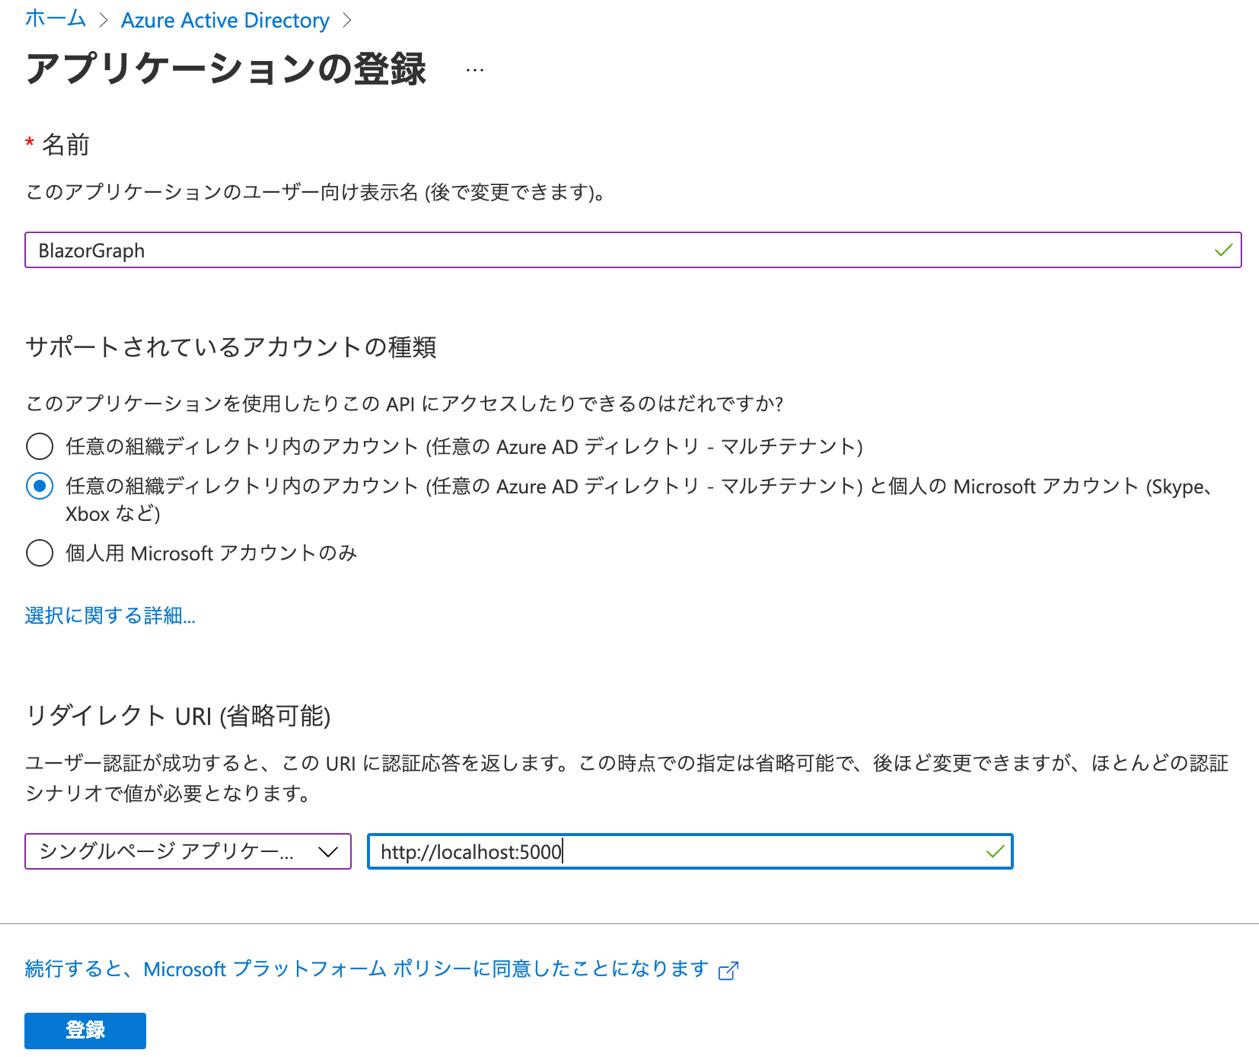 アプリケーションの登録